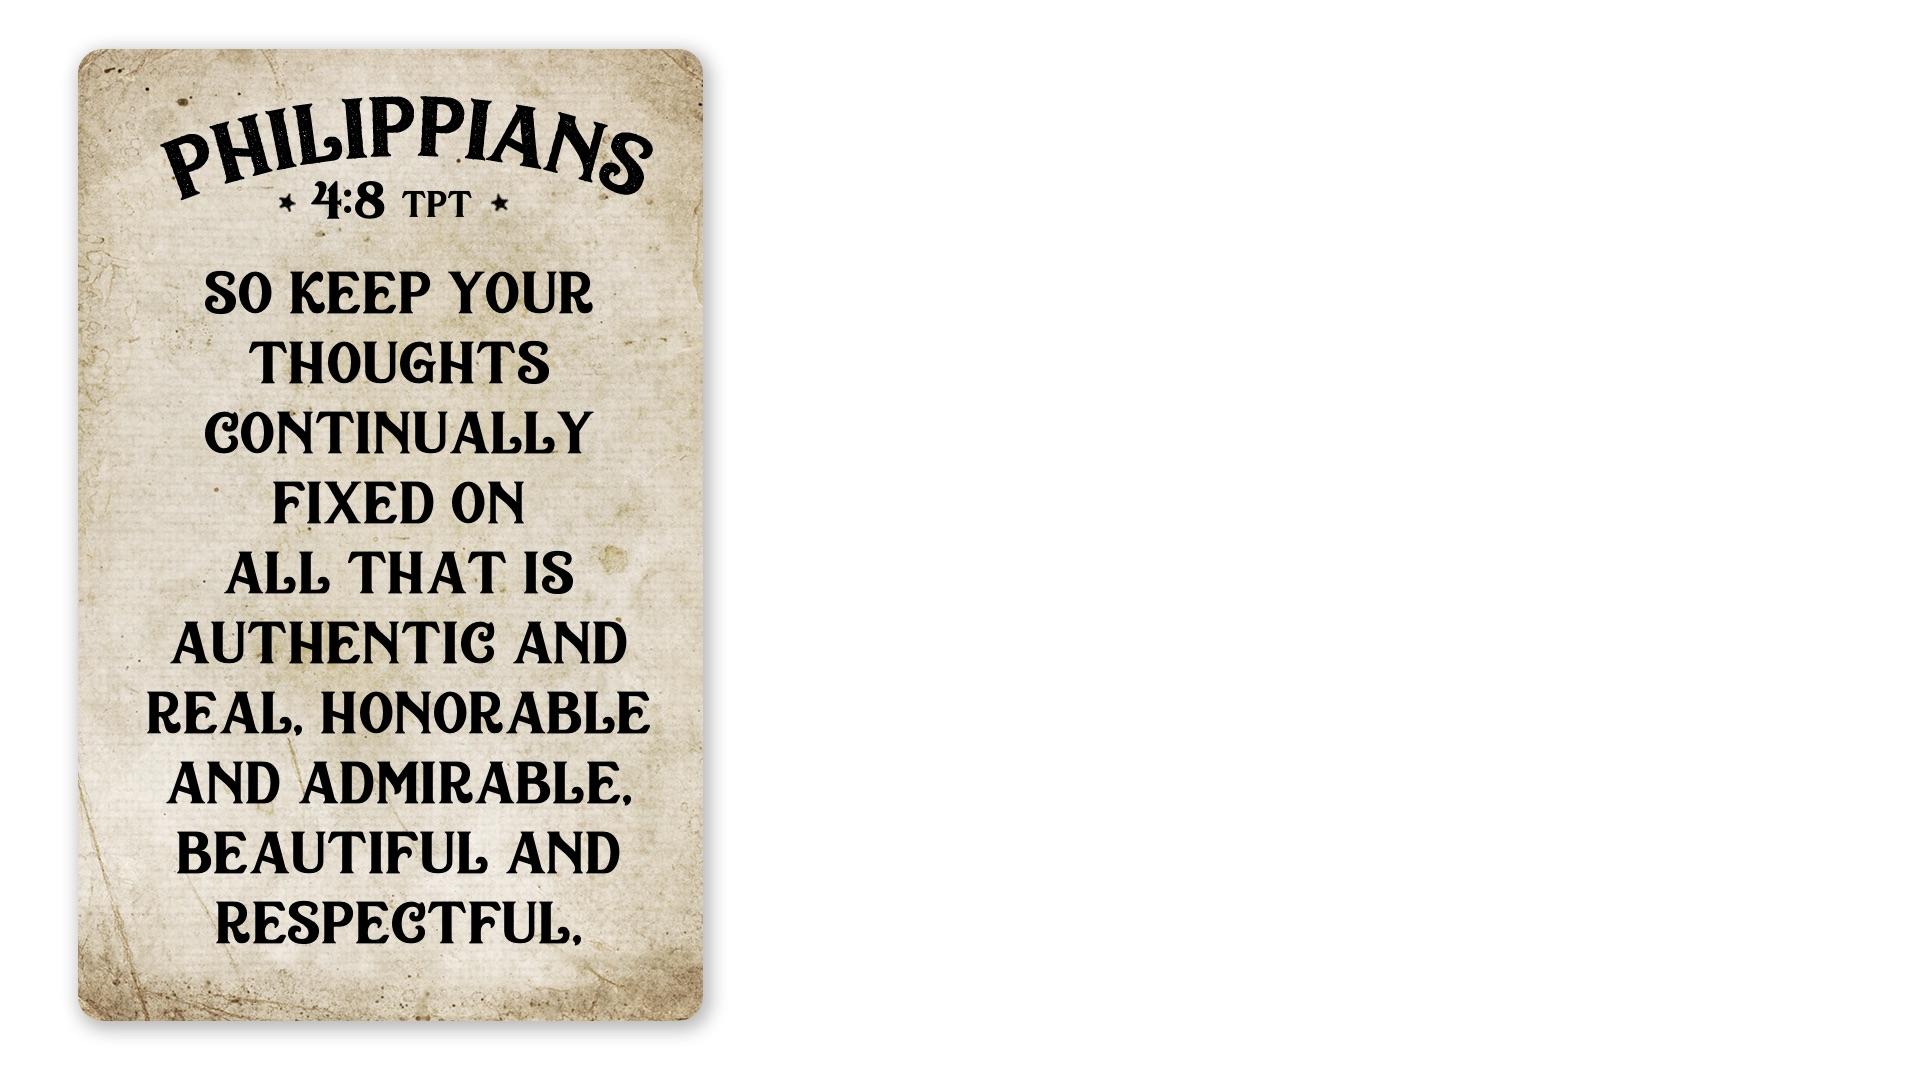 10 - Philippians 4:8 TPT A (PNG)